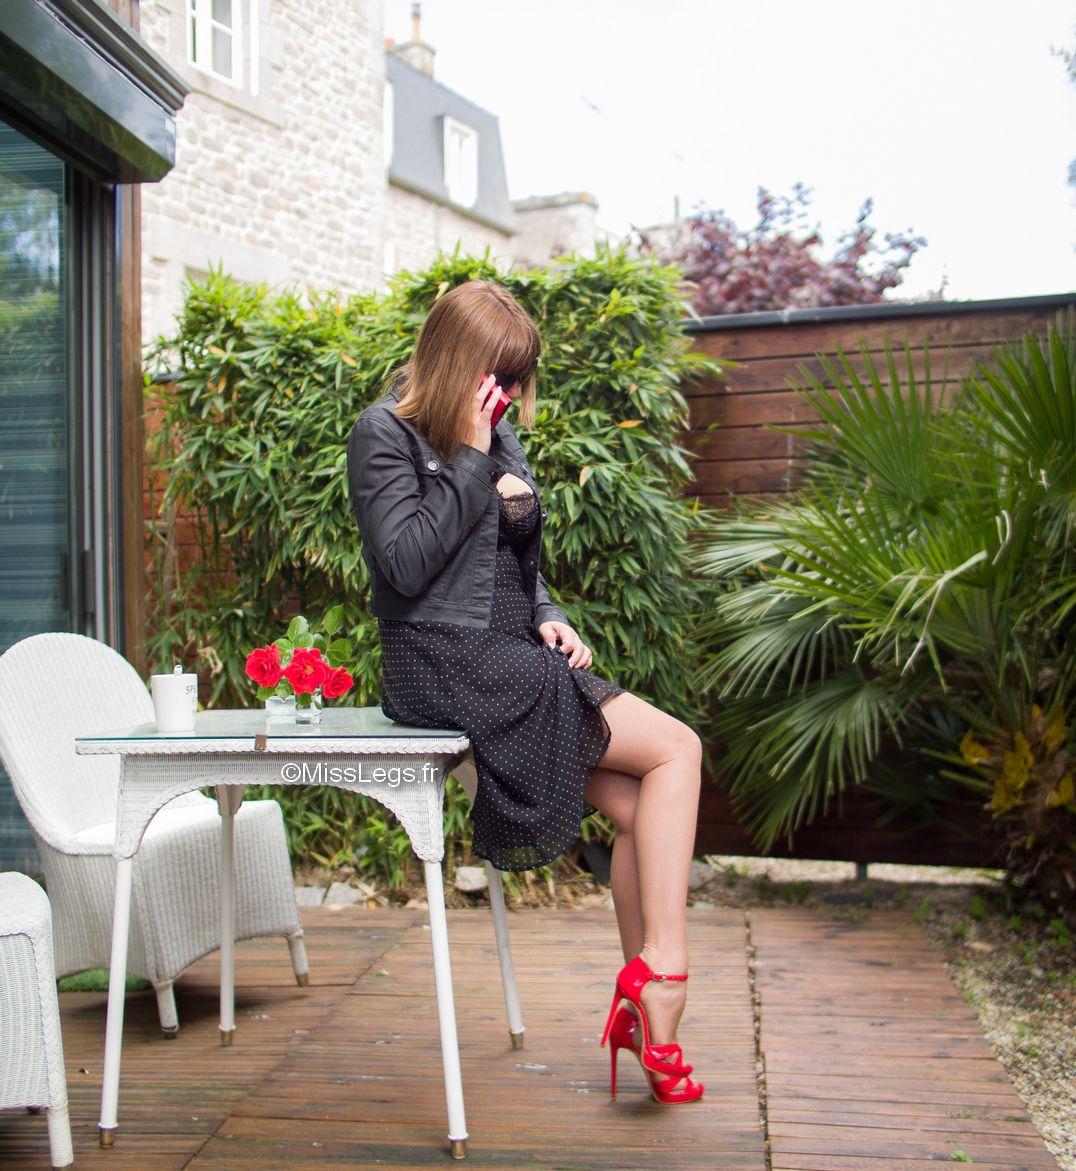 https://www.instagram.com/misslegs.fr - http://www.misslegs.fr/